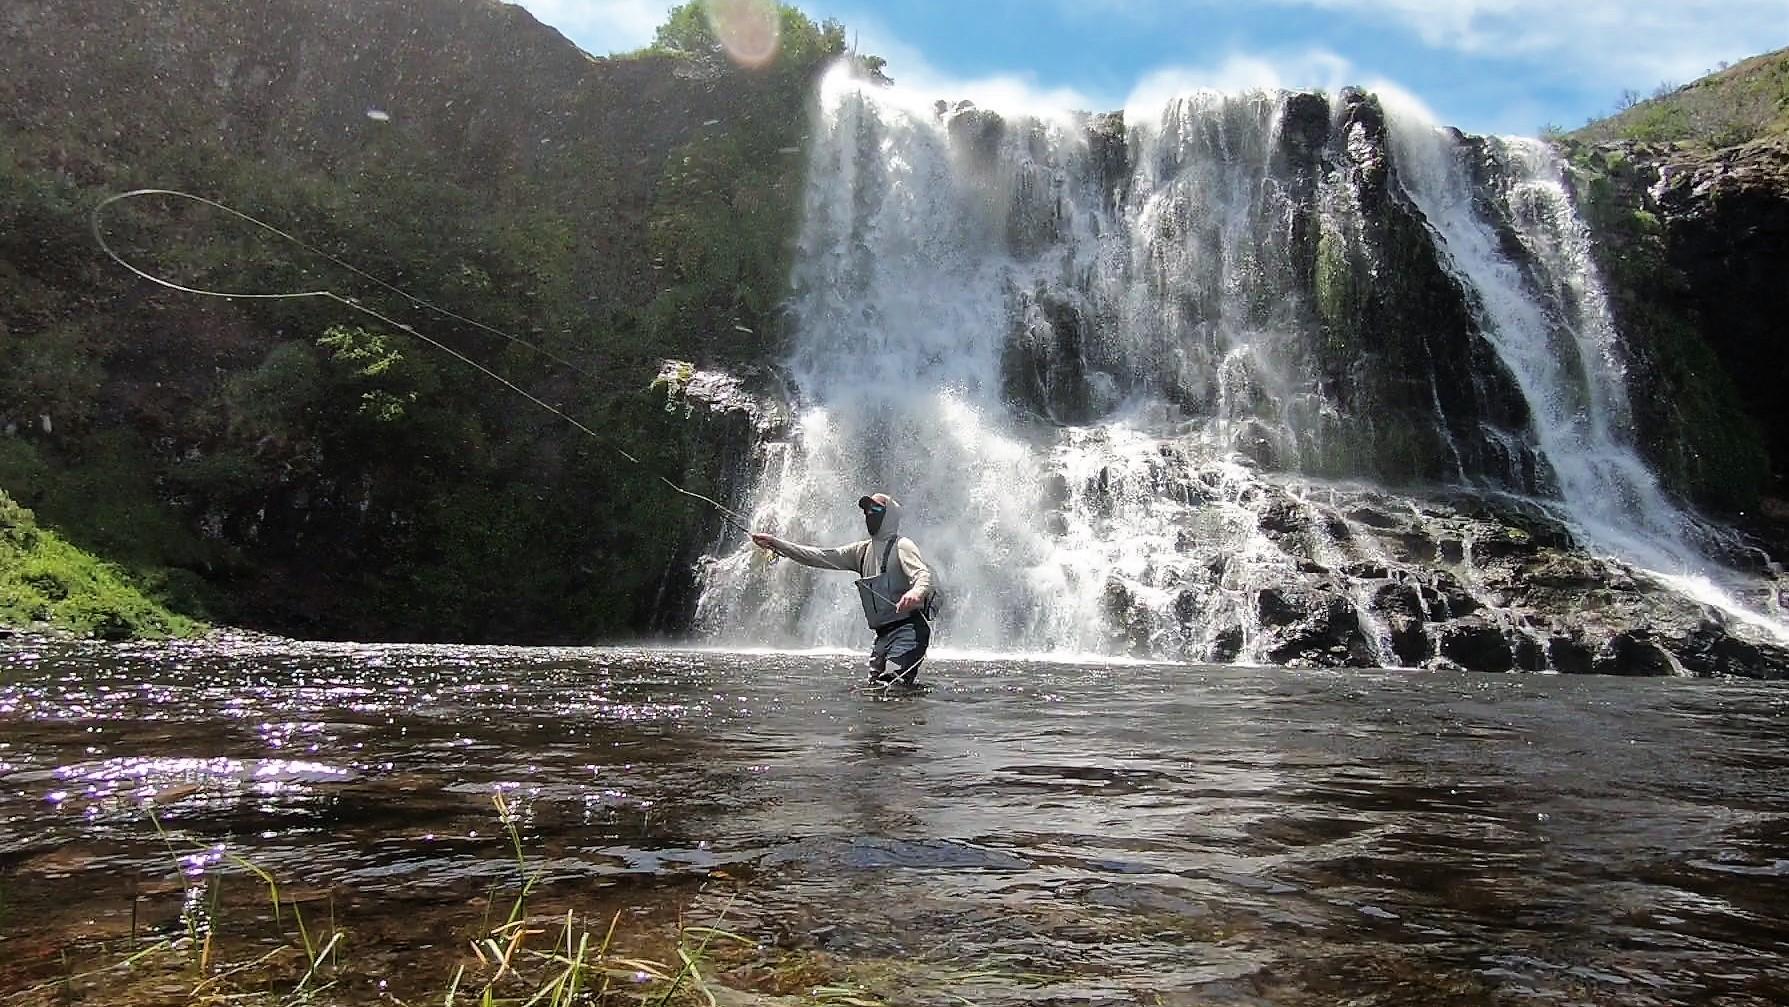 Fly Fishing Remote Patagonia Waterfalls